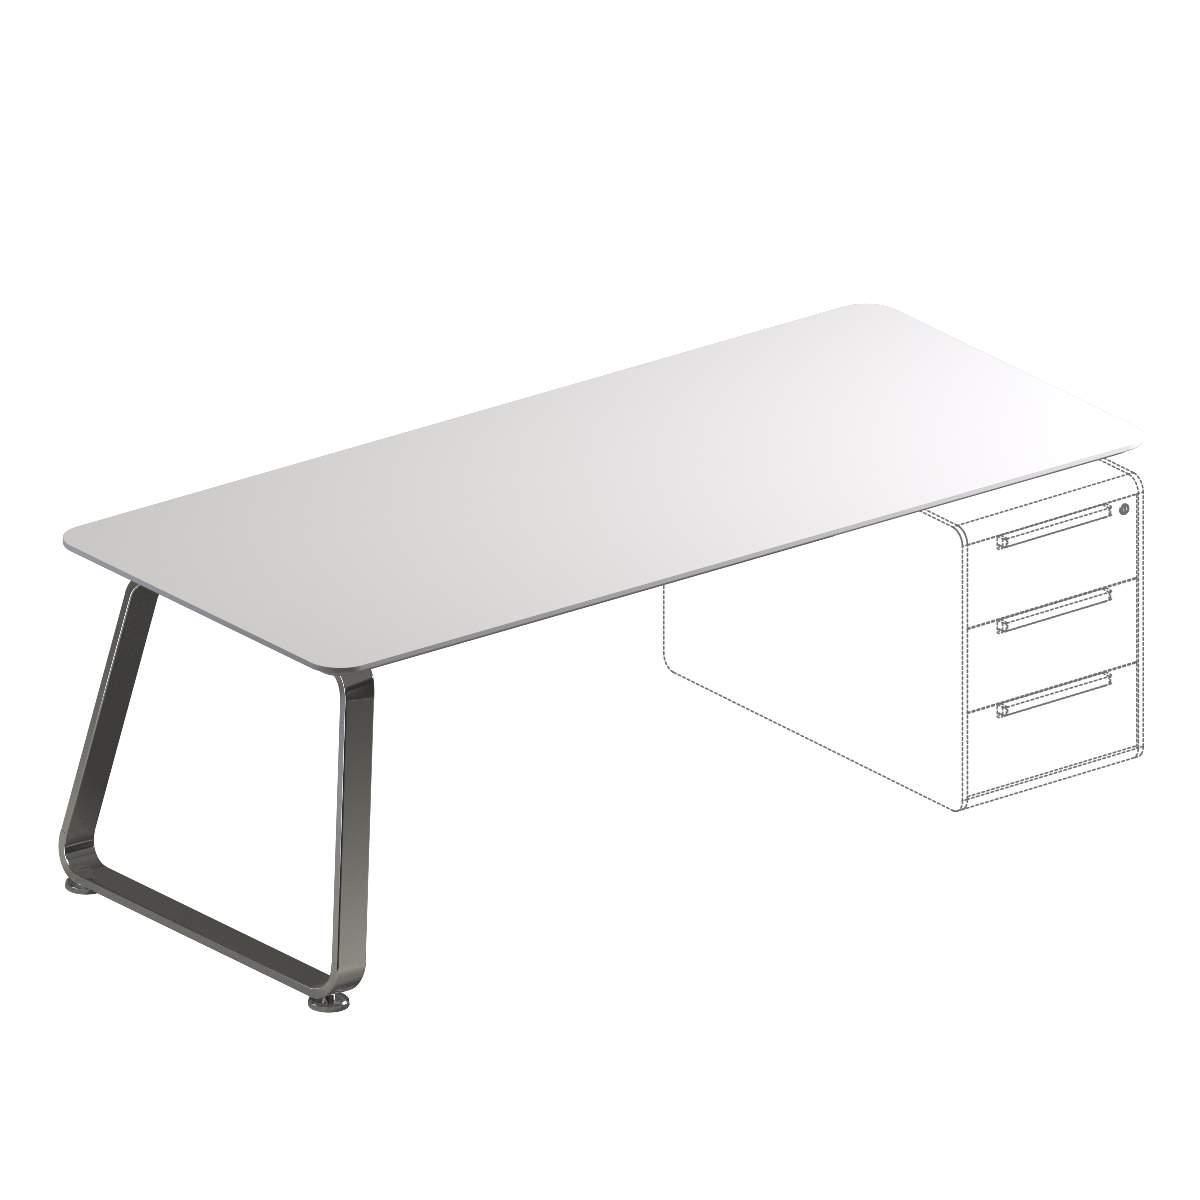 Прямоугольный стол (ст. столешница) на 1 опоре 2180x900x720